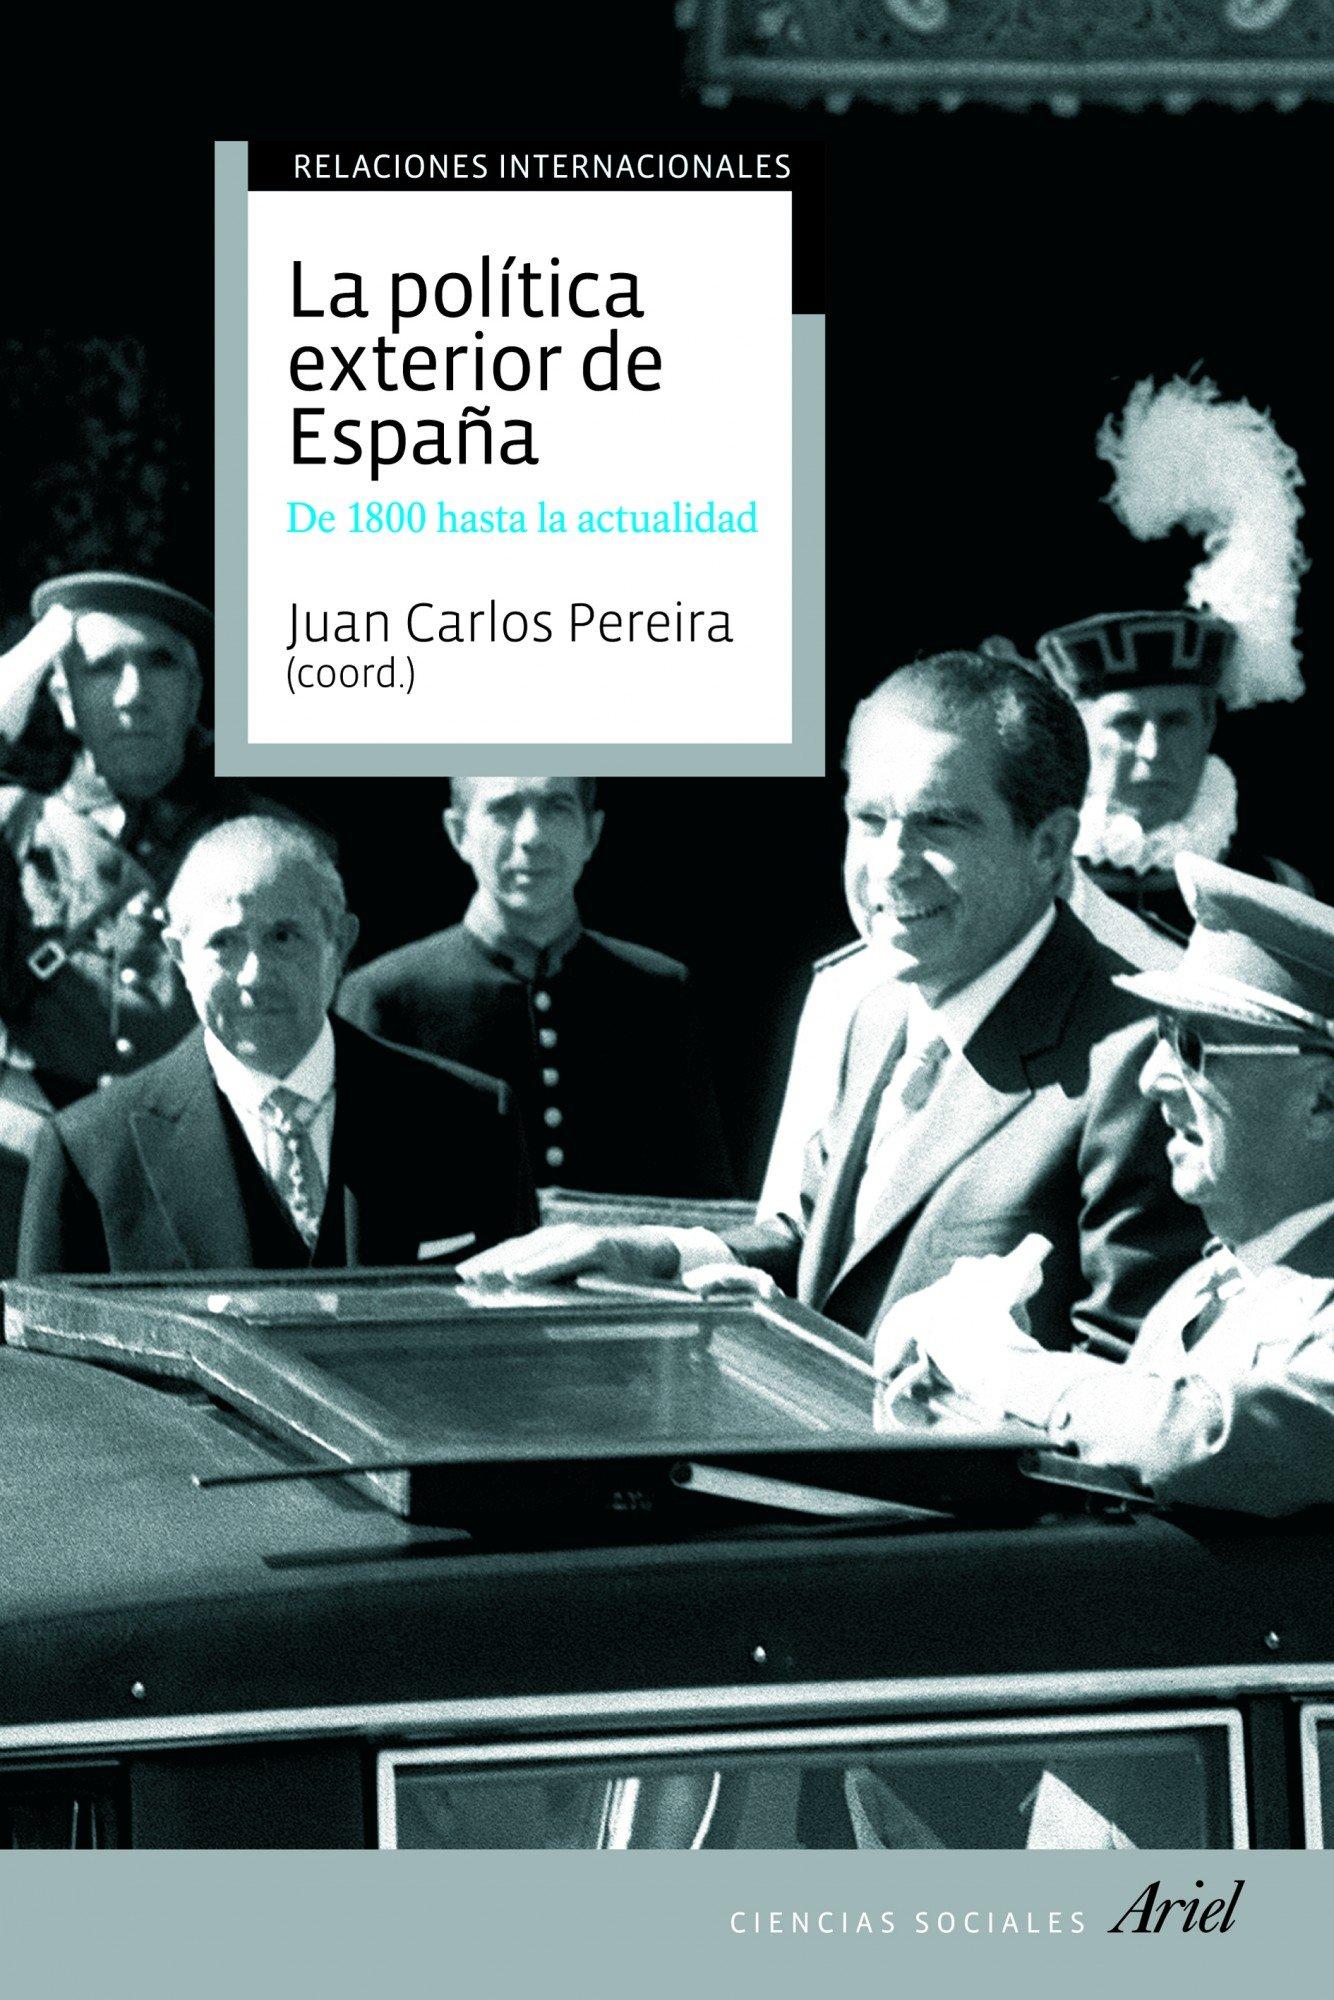 La política exterior de España: De 1800 hasta hoy Ariel Ciencias Sociales: Amazon.es: Pereira, Juan Carlos: Libros